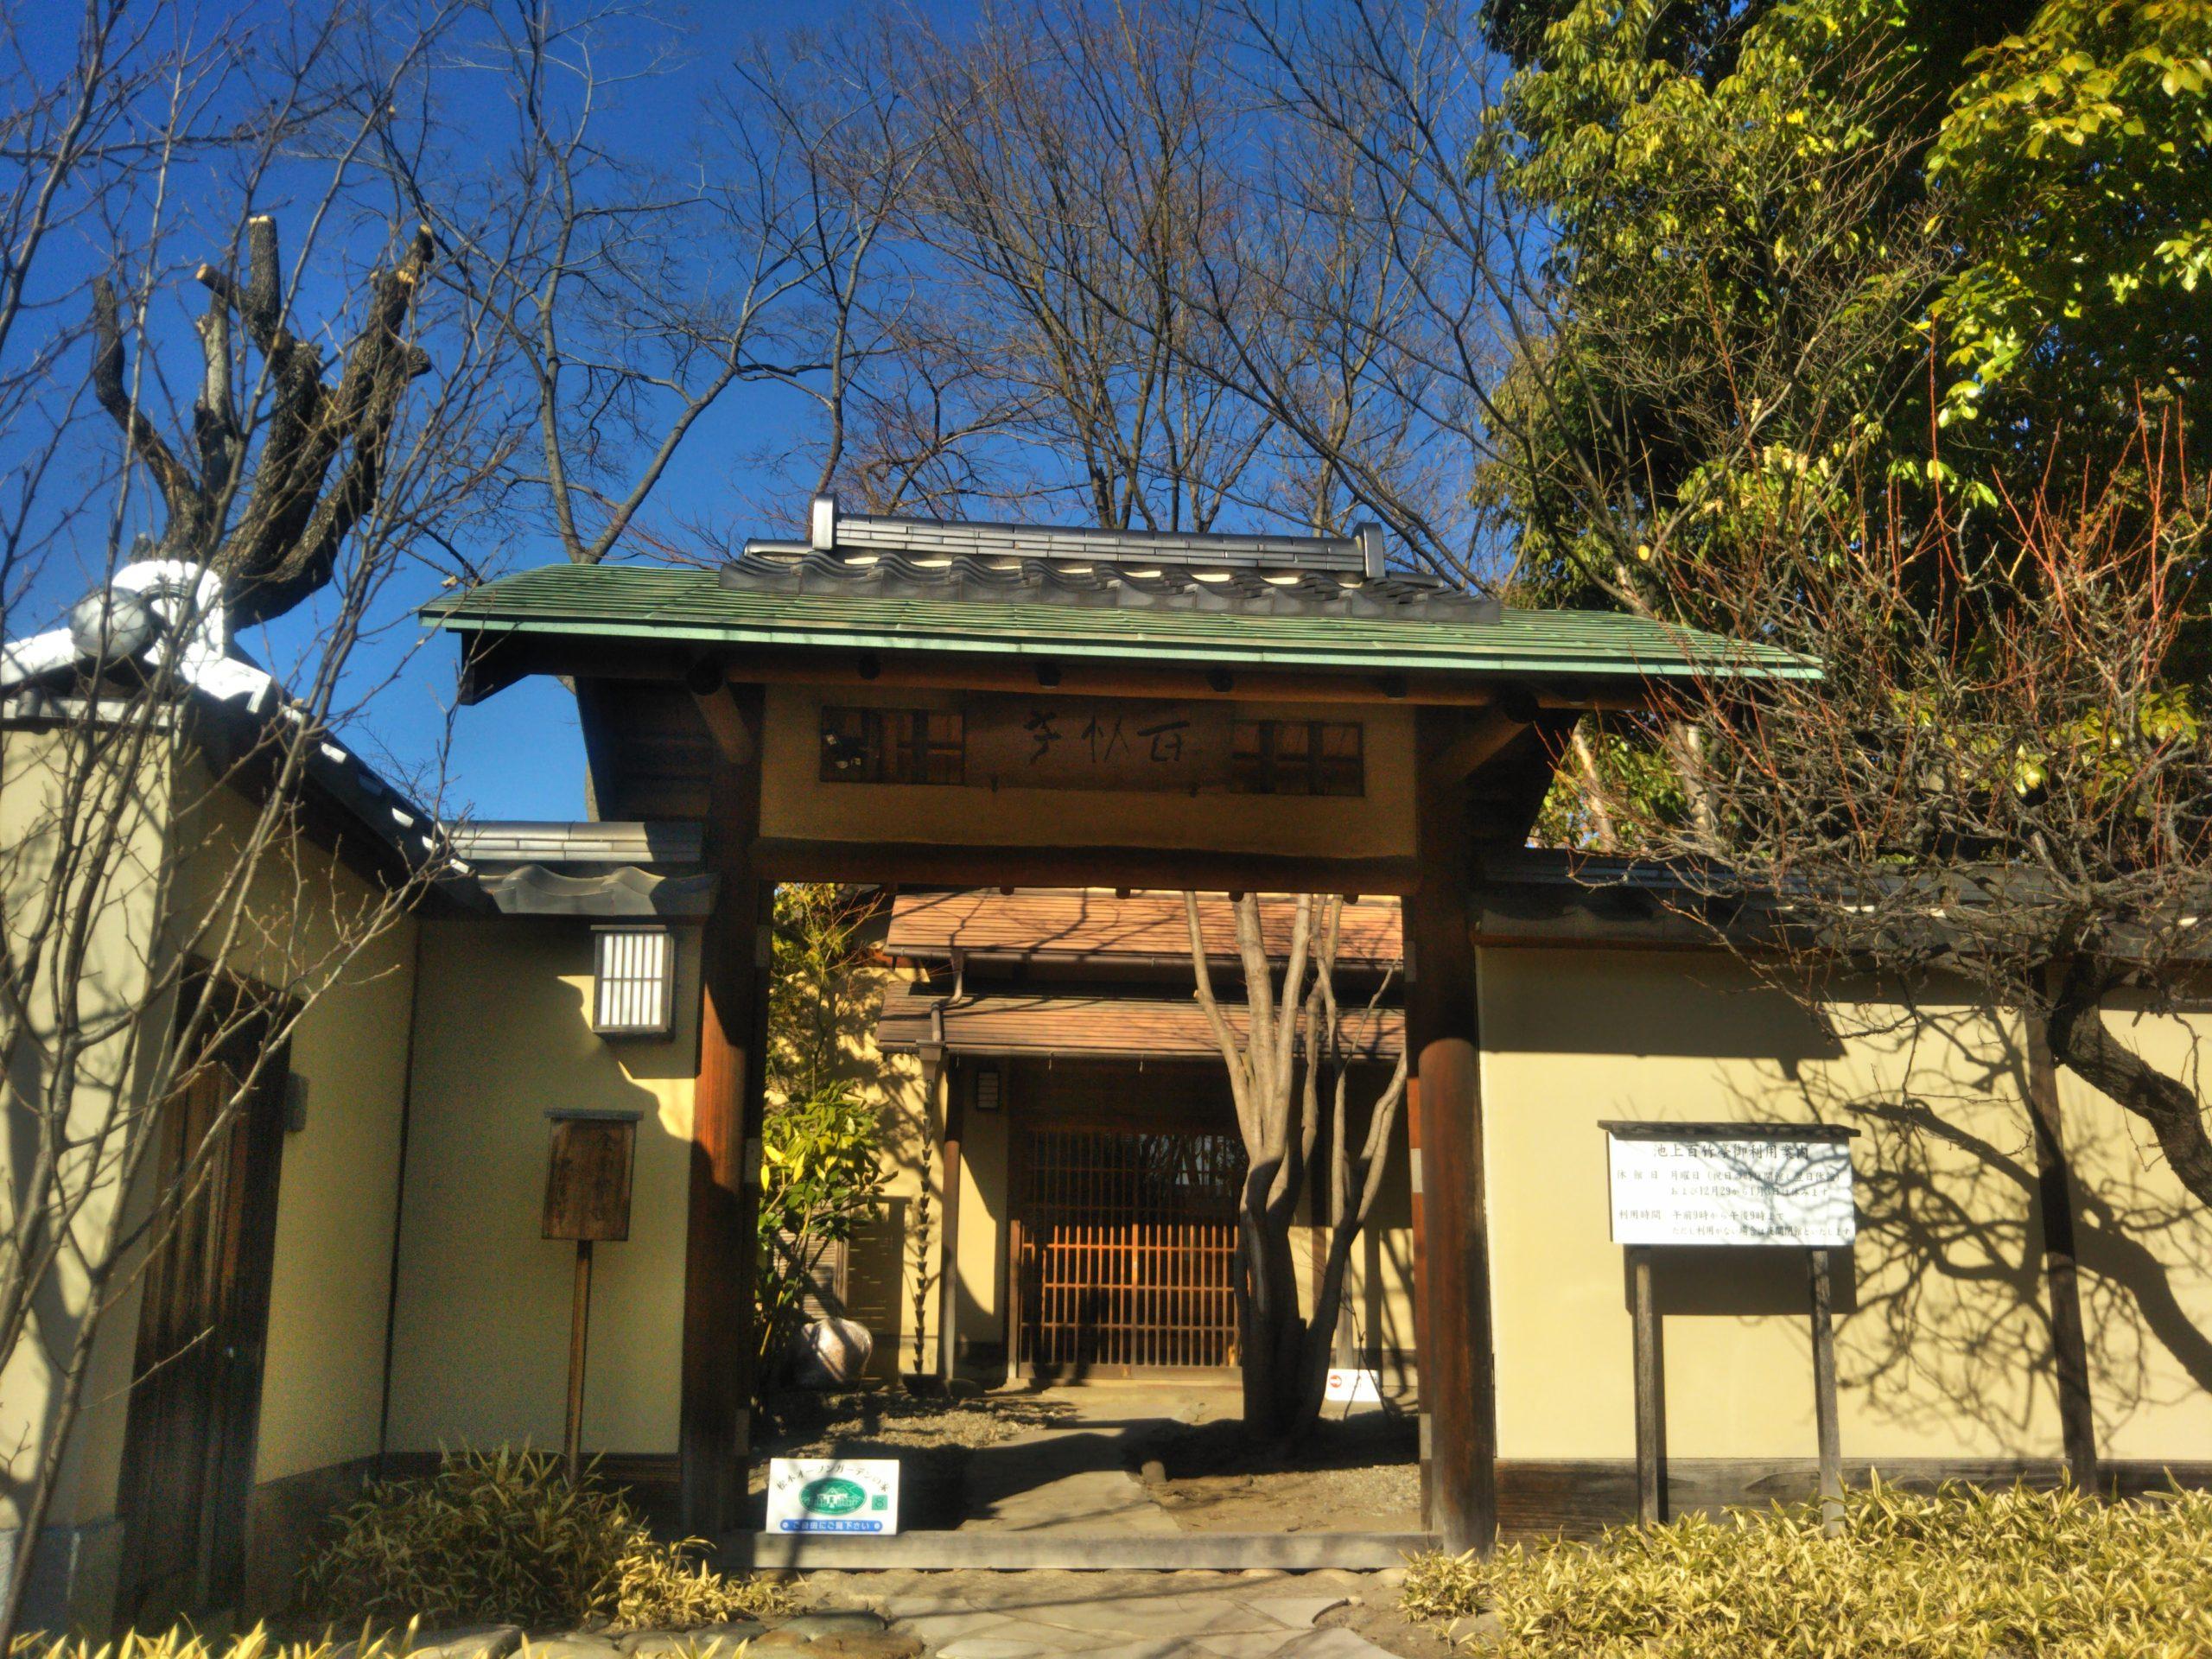 Maison de Thé Ikegami maison traditionelle japonaise